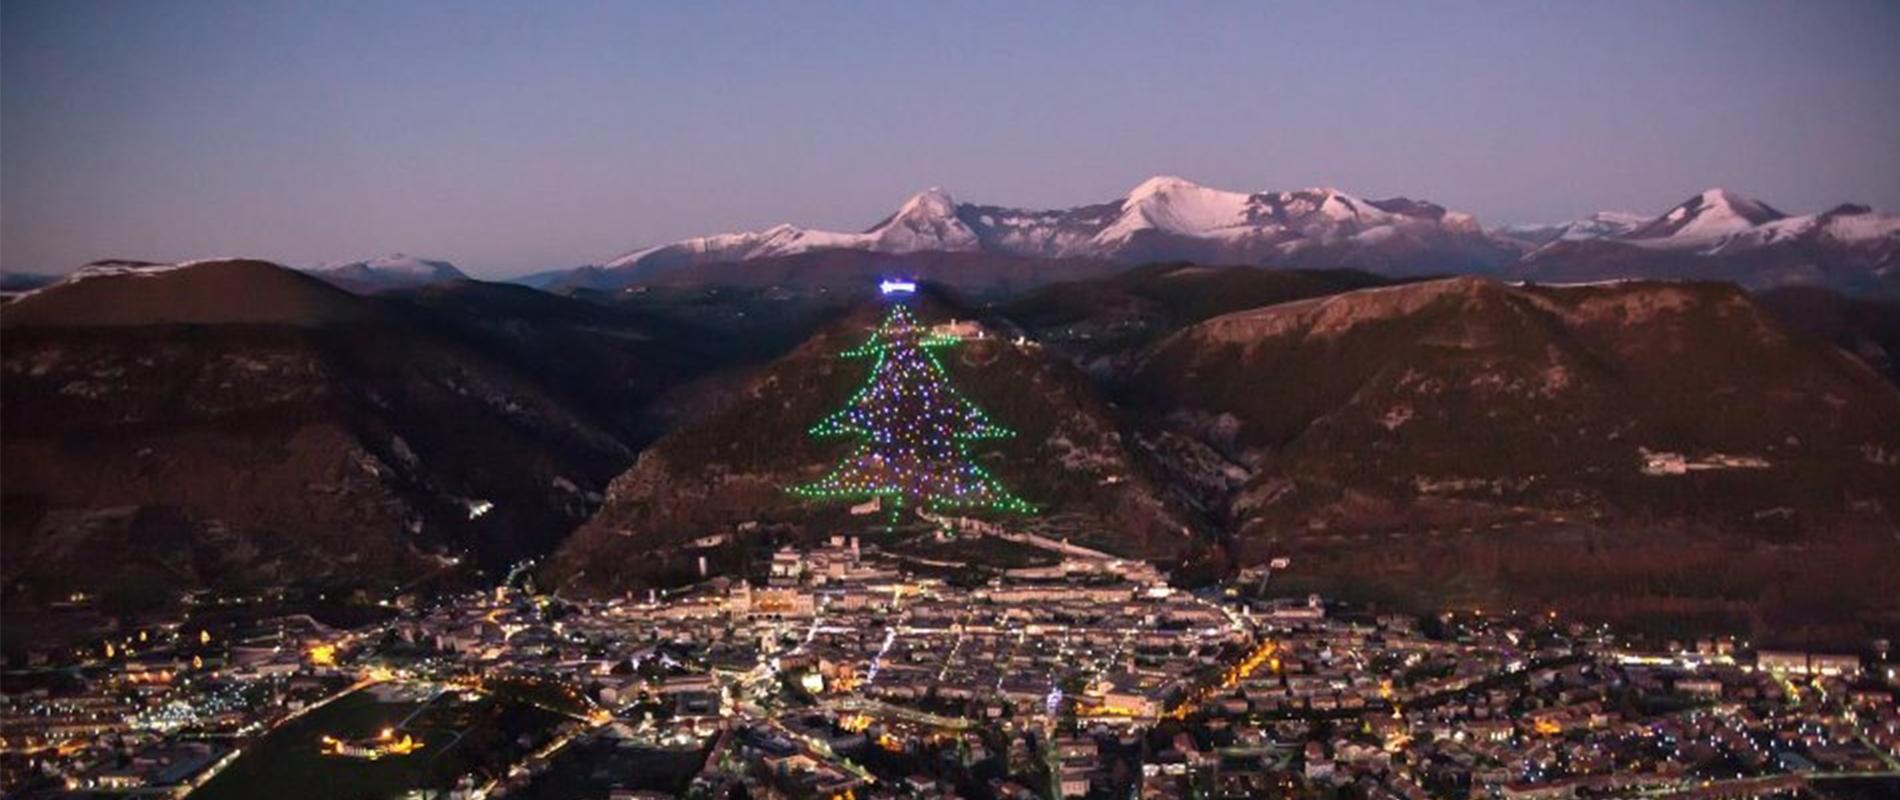 Albero Di Natale Gubbio.Mybestplace L Albero Di Gubbio L Albero Di Natale Piu Grande Del